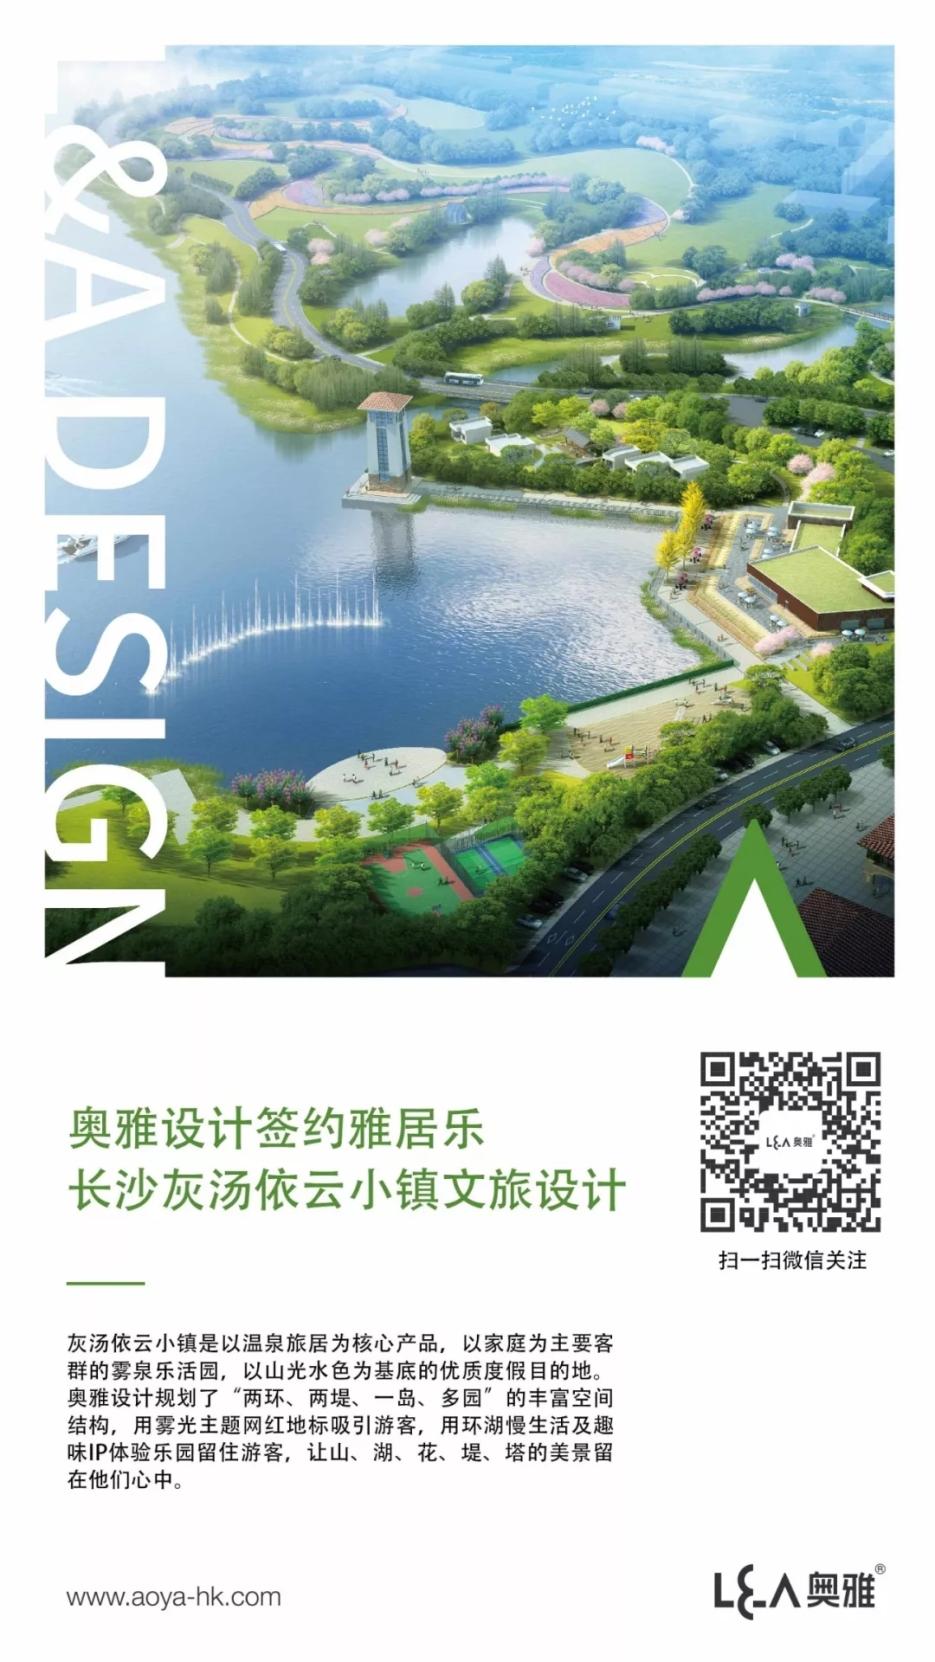 喜讯丨奥雅设计签约雅居乐长沙灰汤依云小镇文旅设计